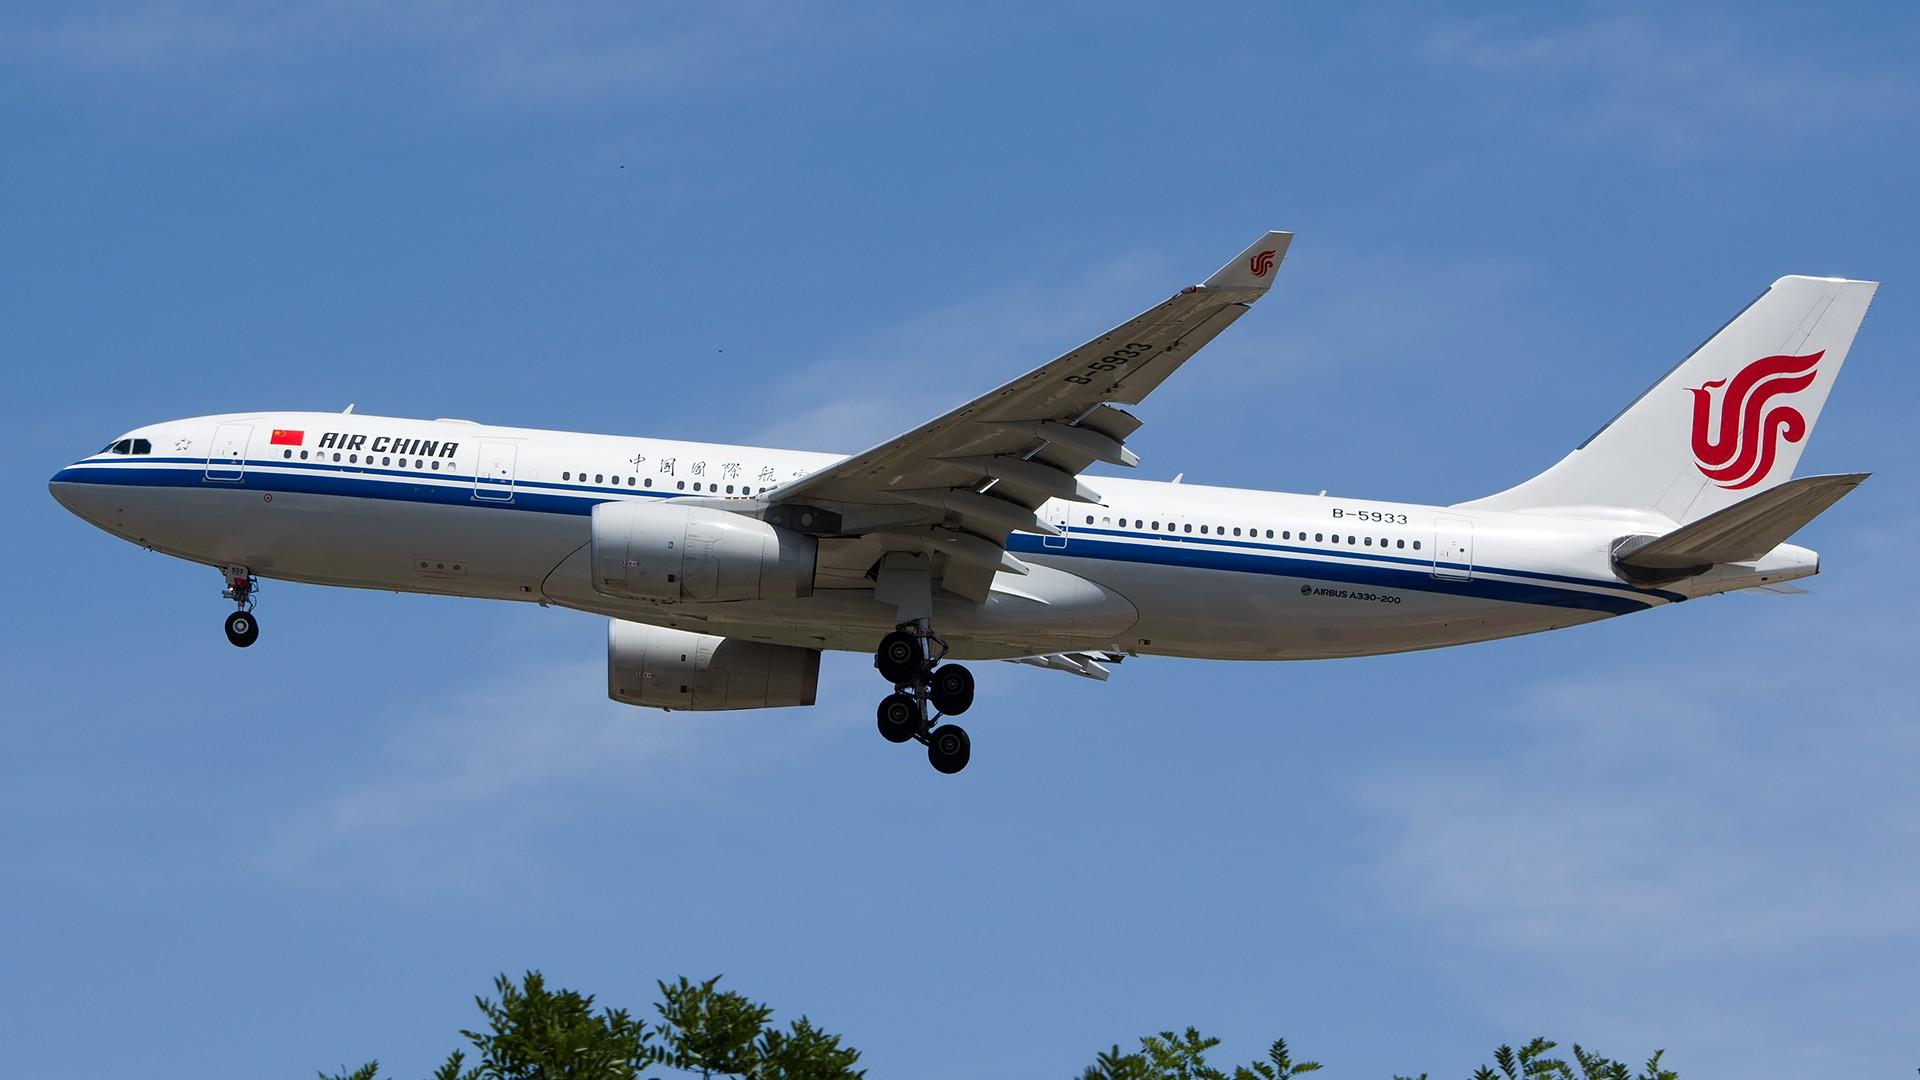 Re:[原创]PEK01午后两小时抓拍,其实是为AA的One World来的 AIRBUS A330-200 B-5933 中国北京首都国际机场